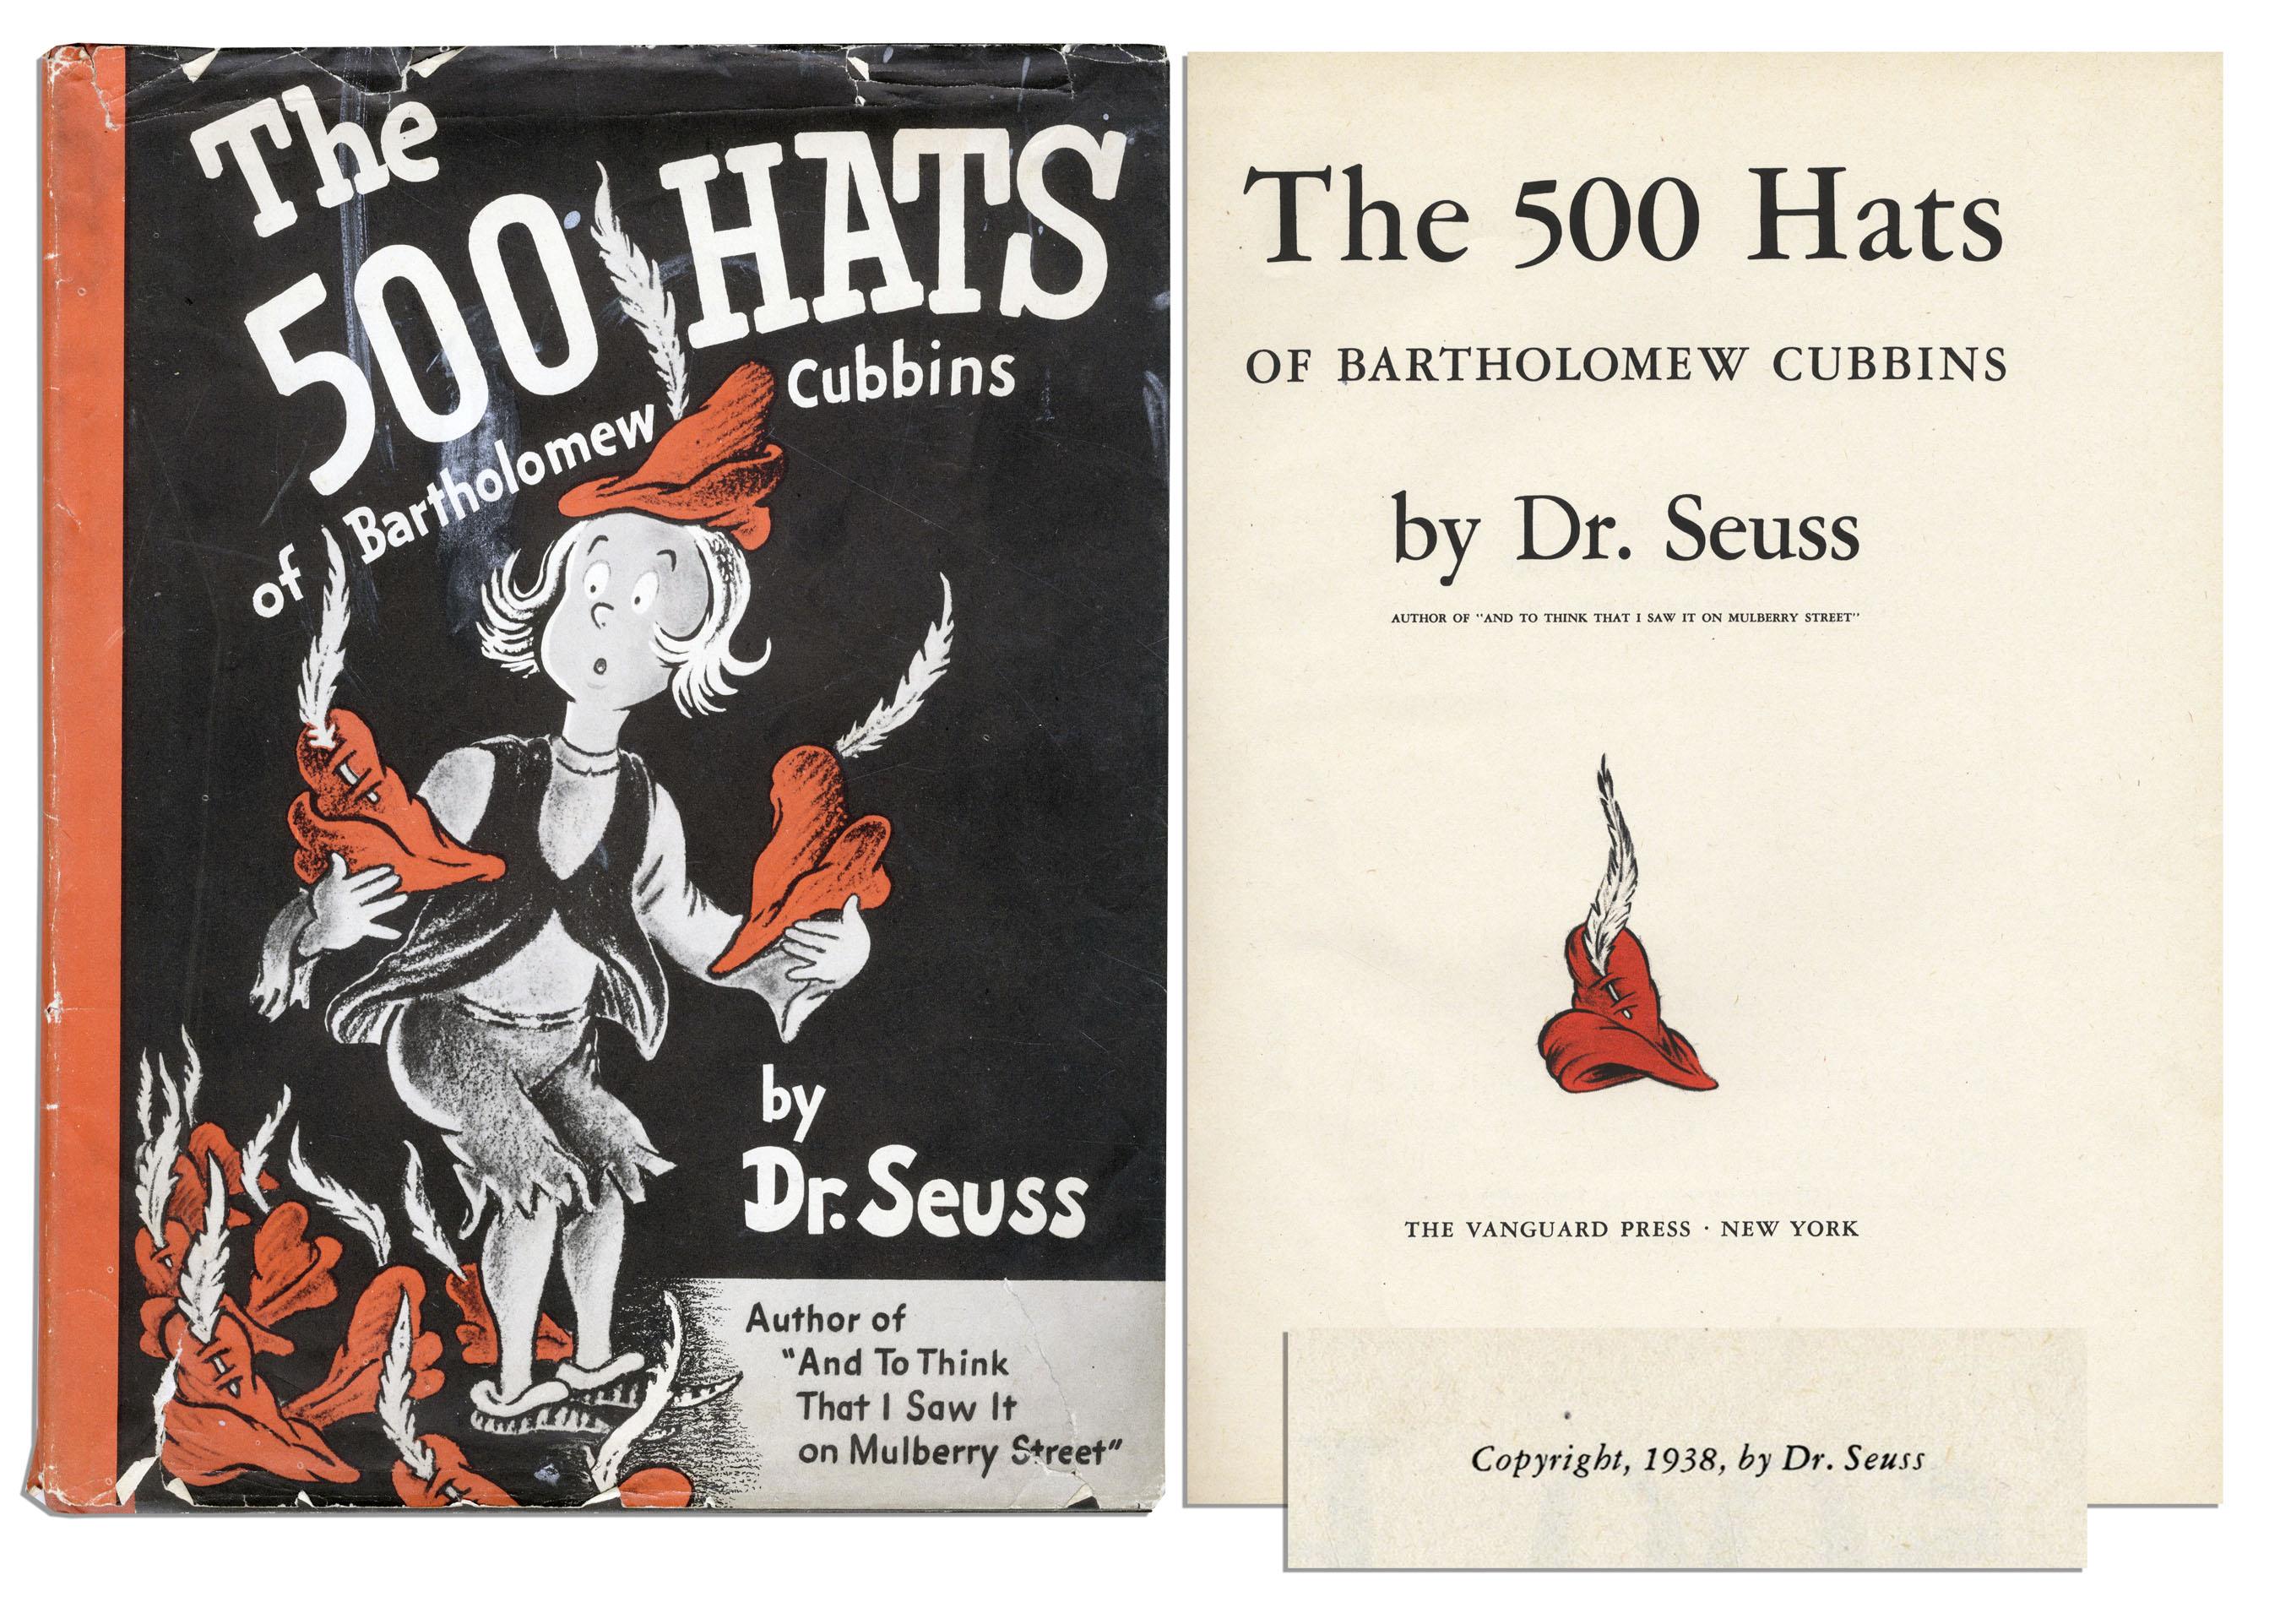 the 500 hats of bartholomew cubbins